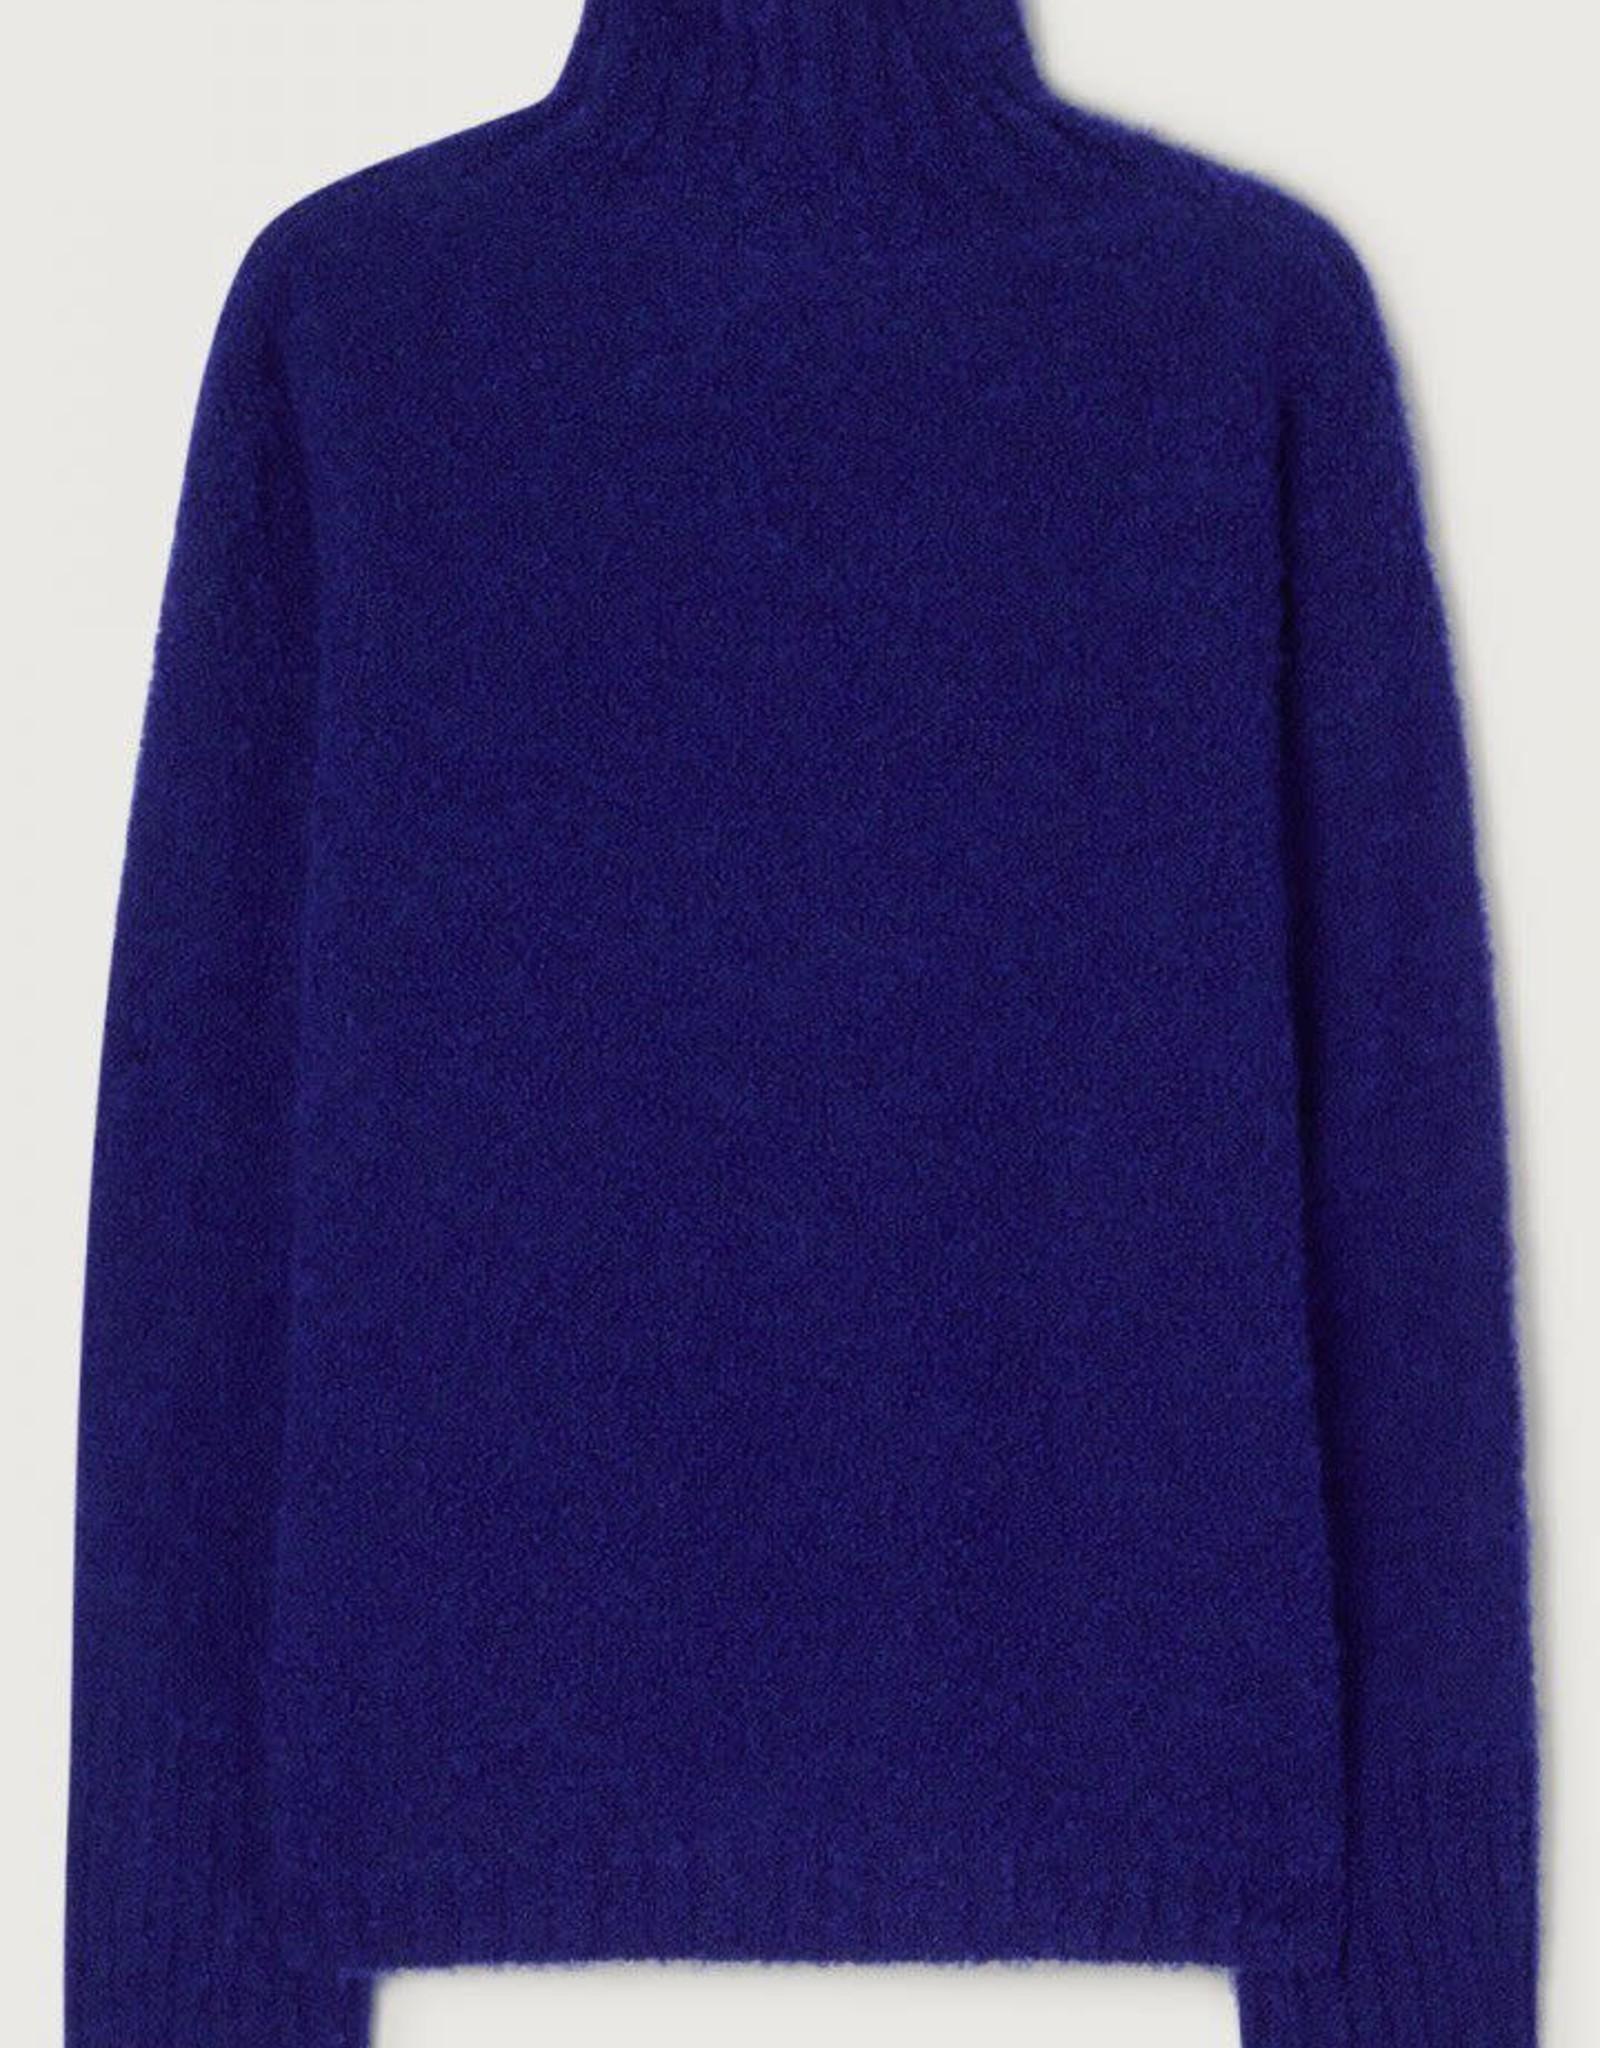 American Vintage Pull 'Verywood' Rolkraag - Koningsblauw - American Vintage